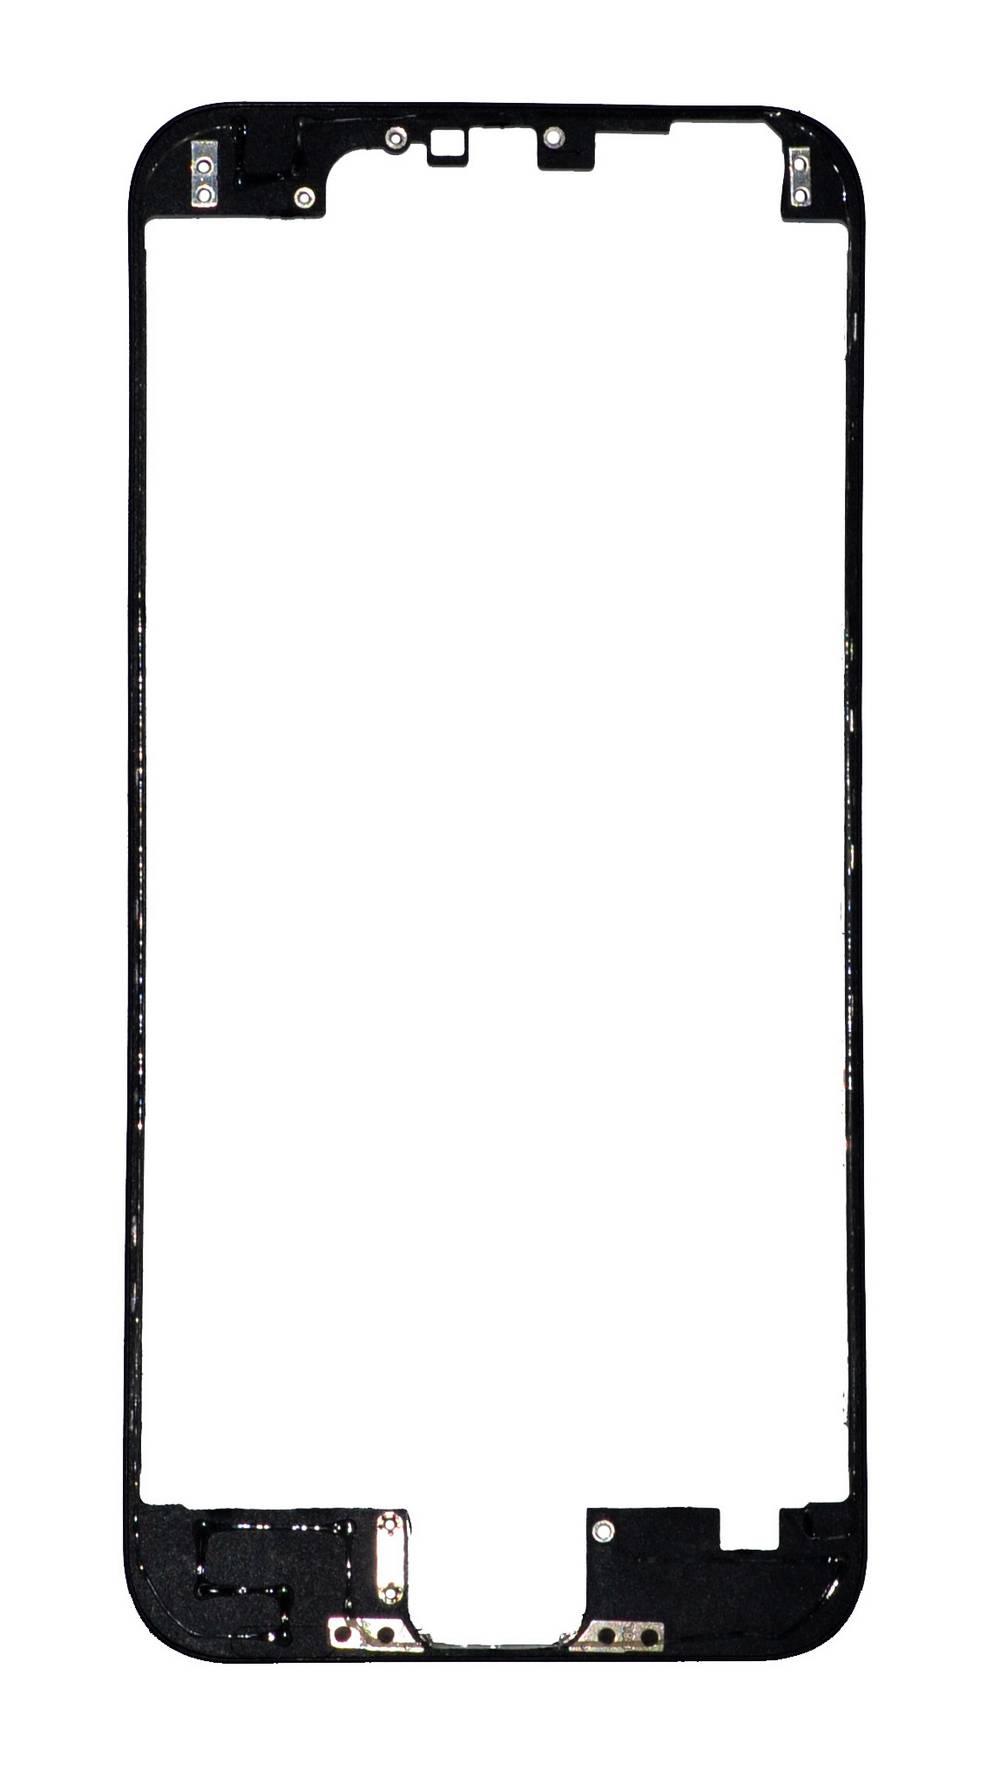 Πλαίσιο Οθόνης Apple iPhone 6 Μαύρο OEM Type A